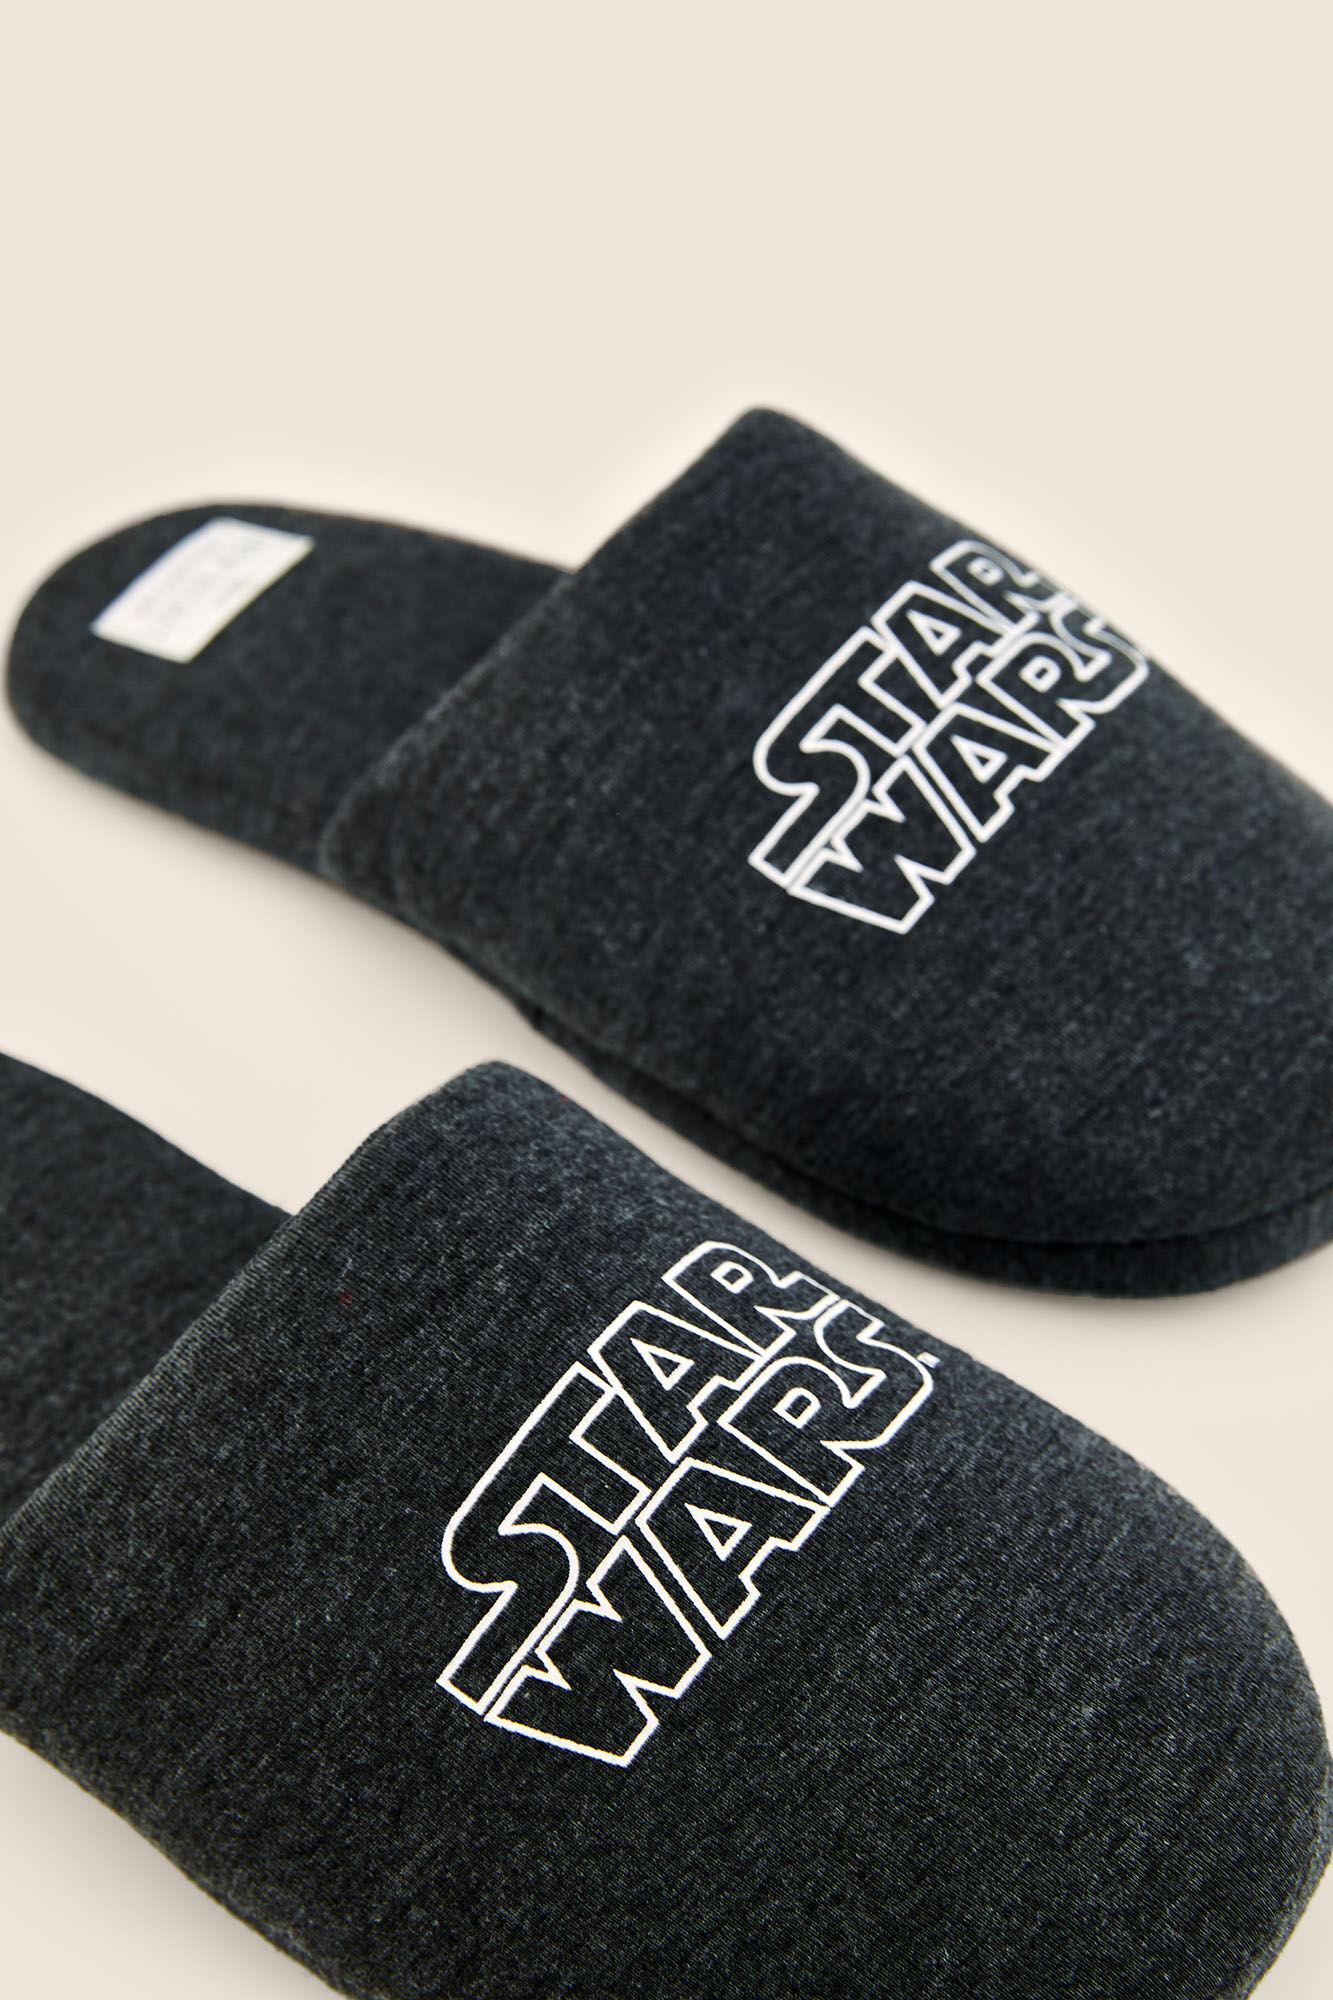 Star wars zapatillas de casa talla 45/46